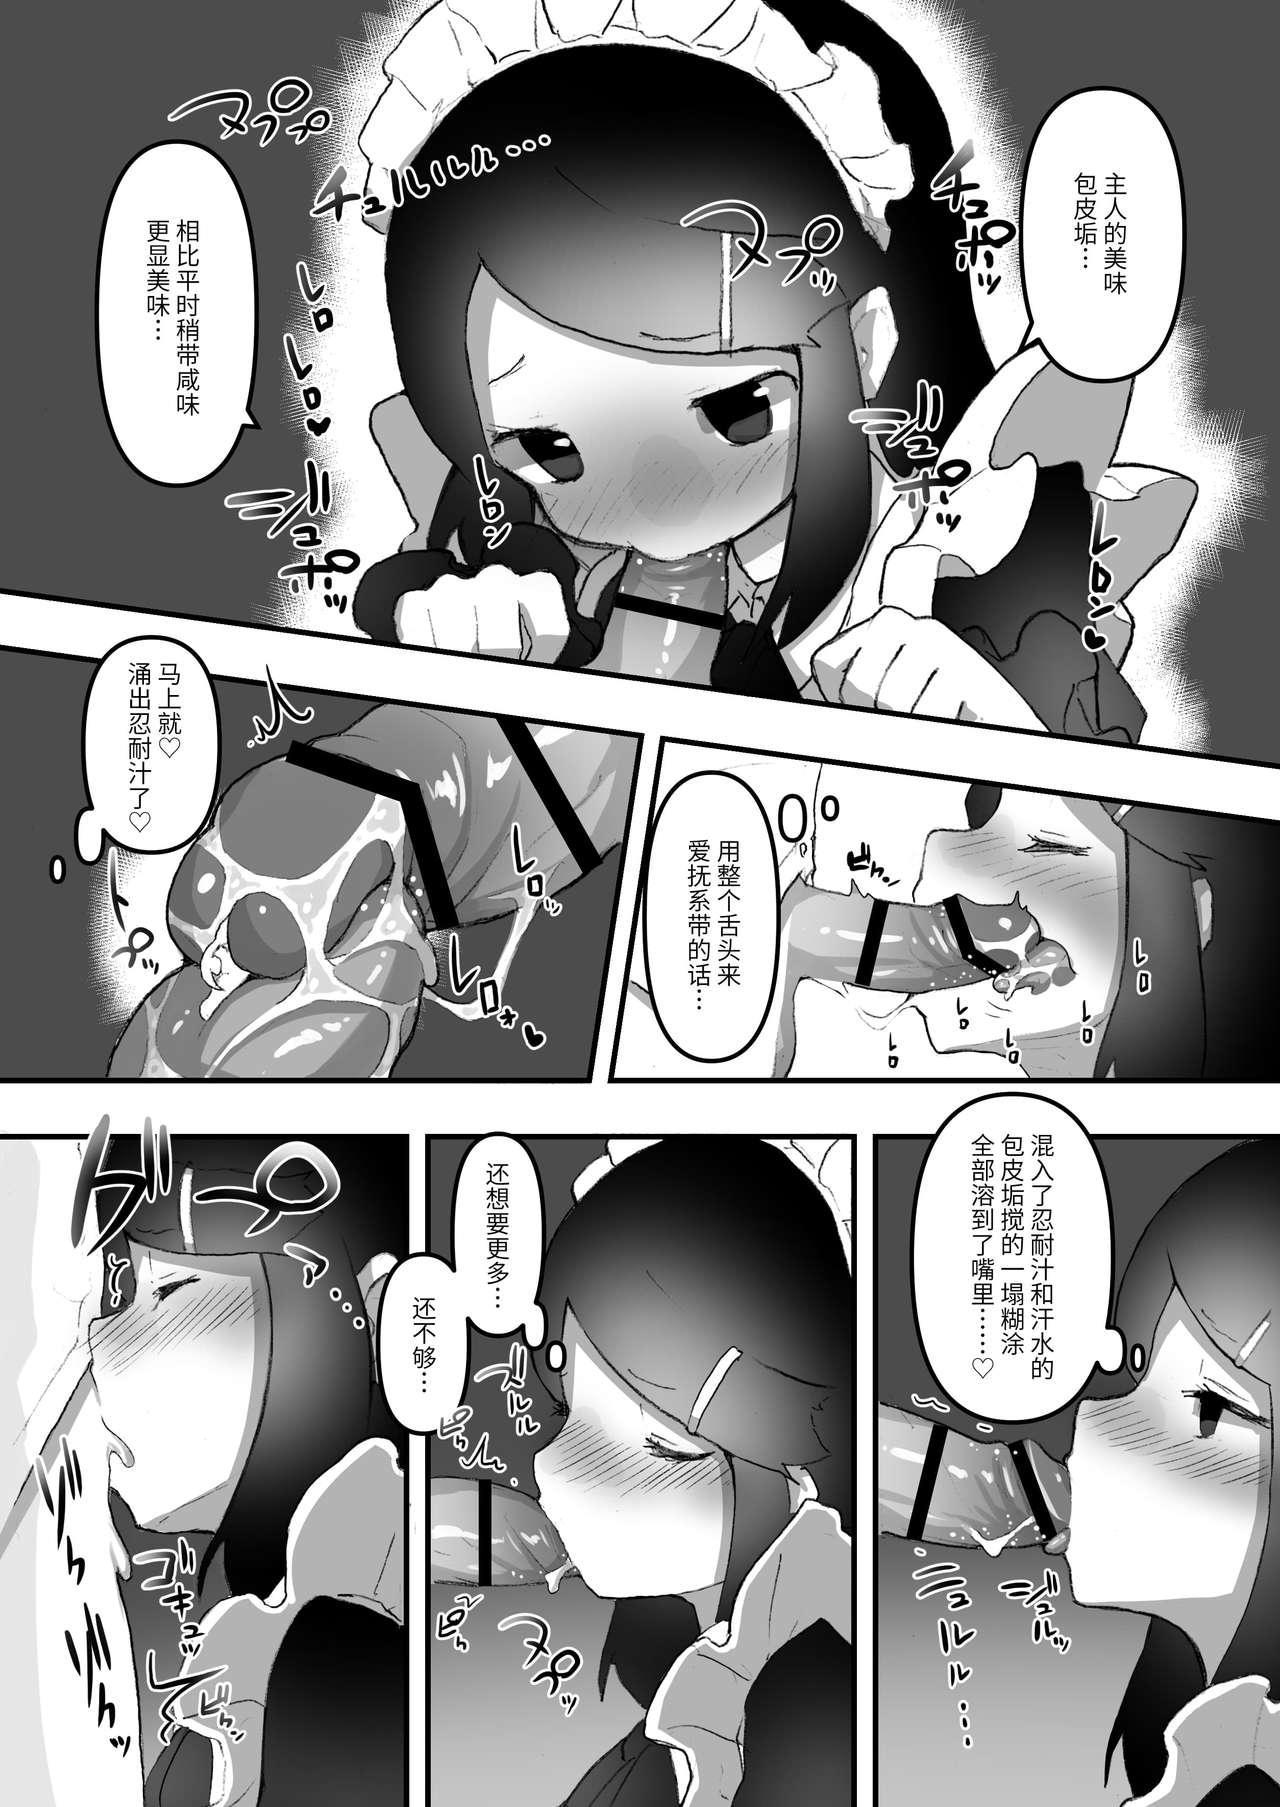 Chinkasu de kimaru Onna-tachi Comic Anthology 86